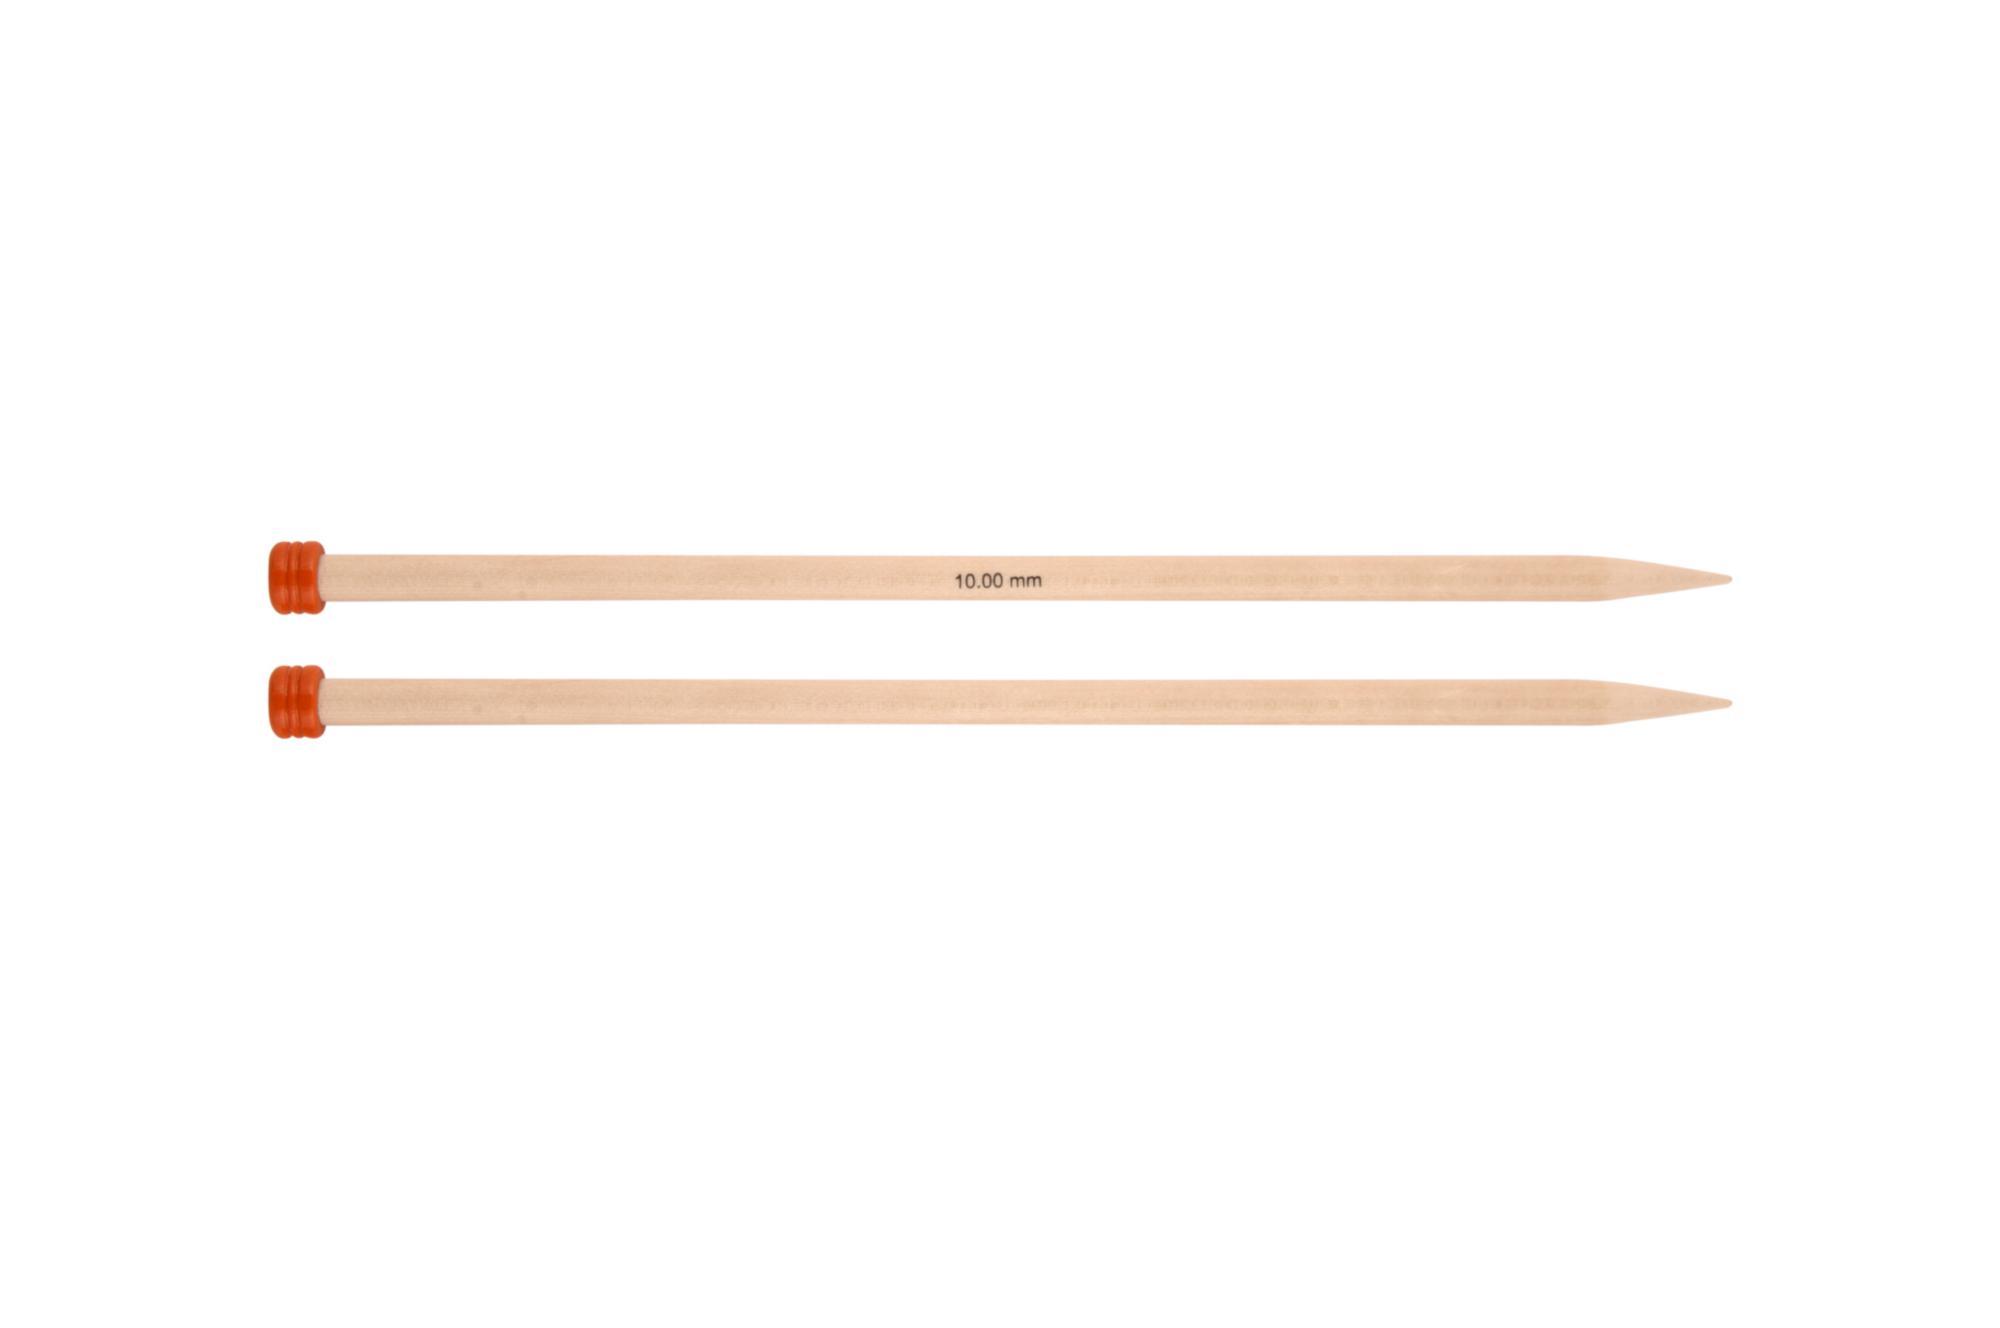 Спицы прямые 40 см Basix Birch Wood KnitPro, 35286, 9.00 мм